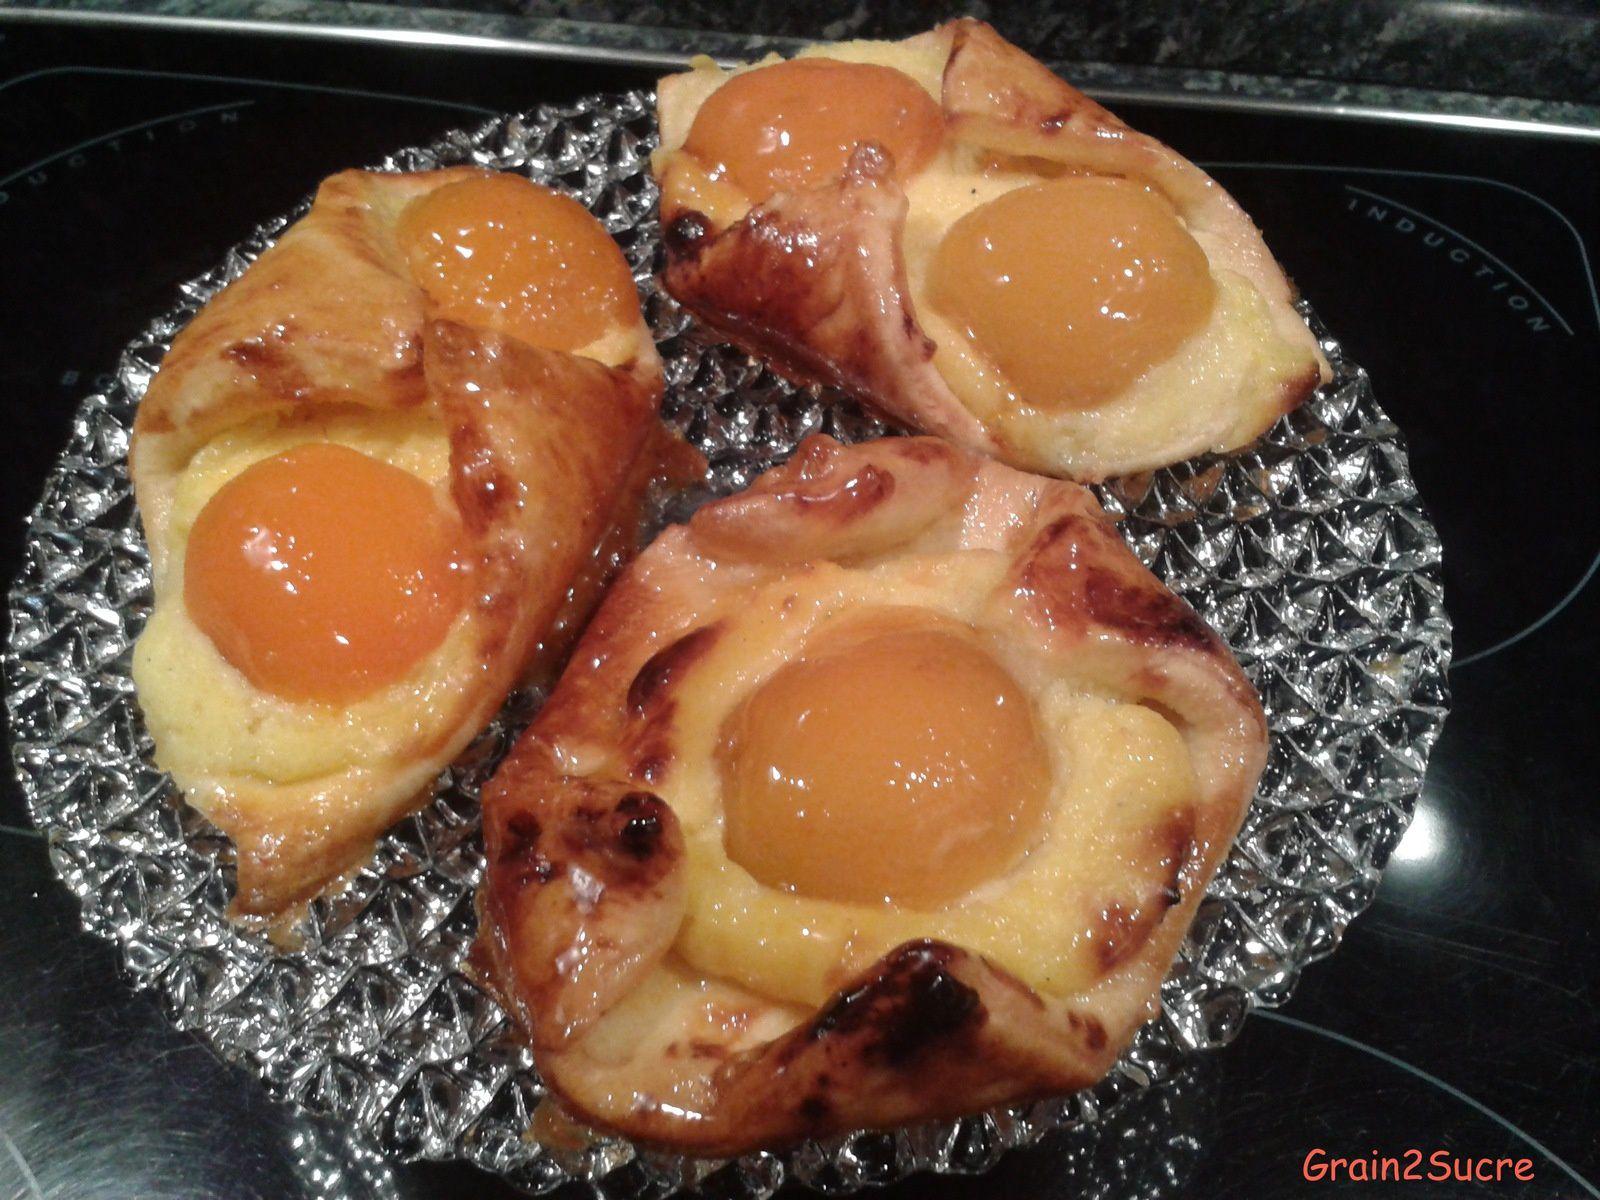 Grain2Sucre; Recette Couques p^ta danoise, crème pâtissière, abricots